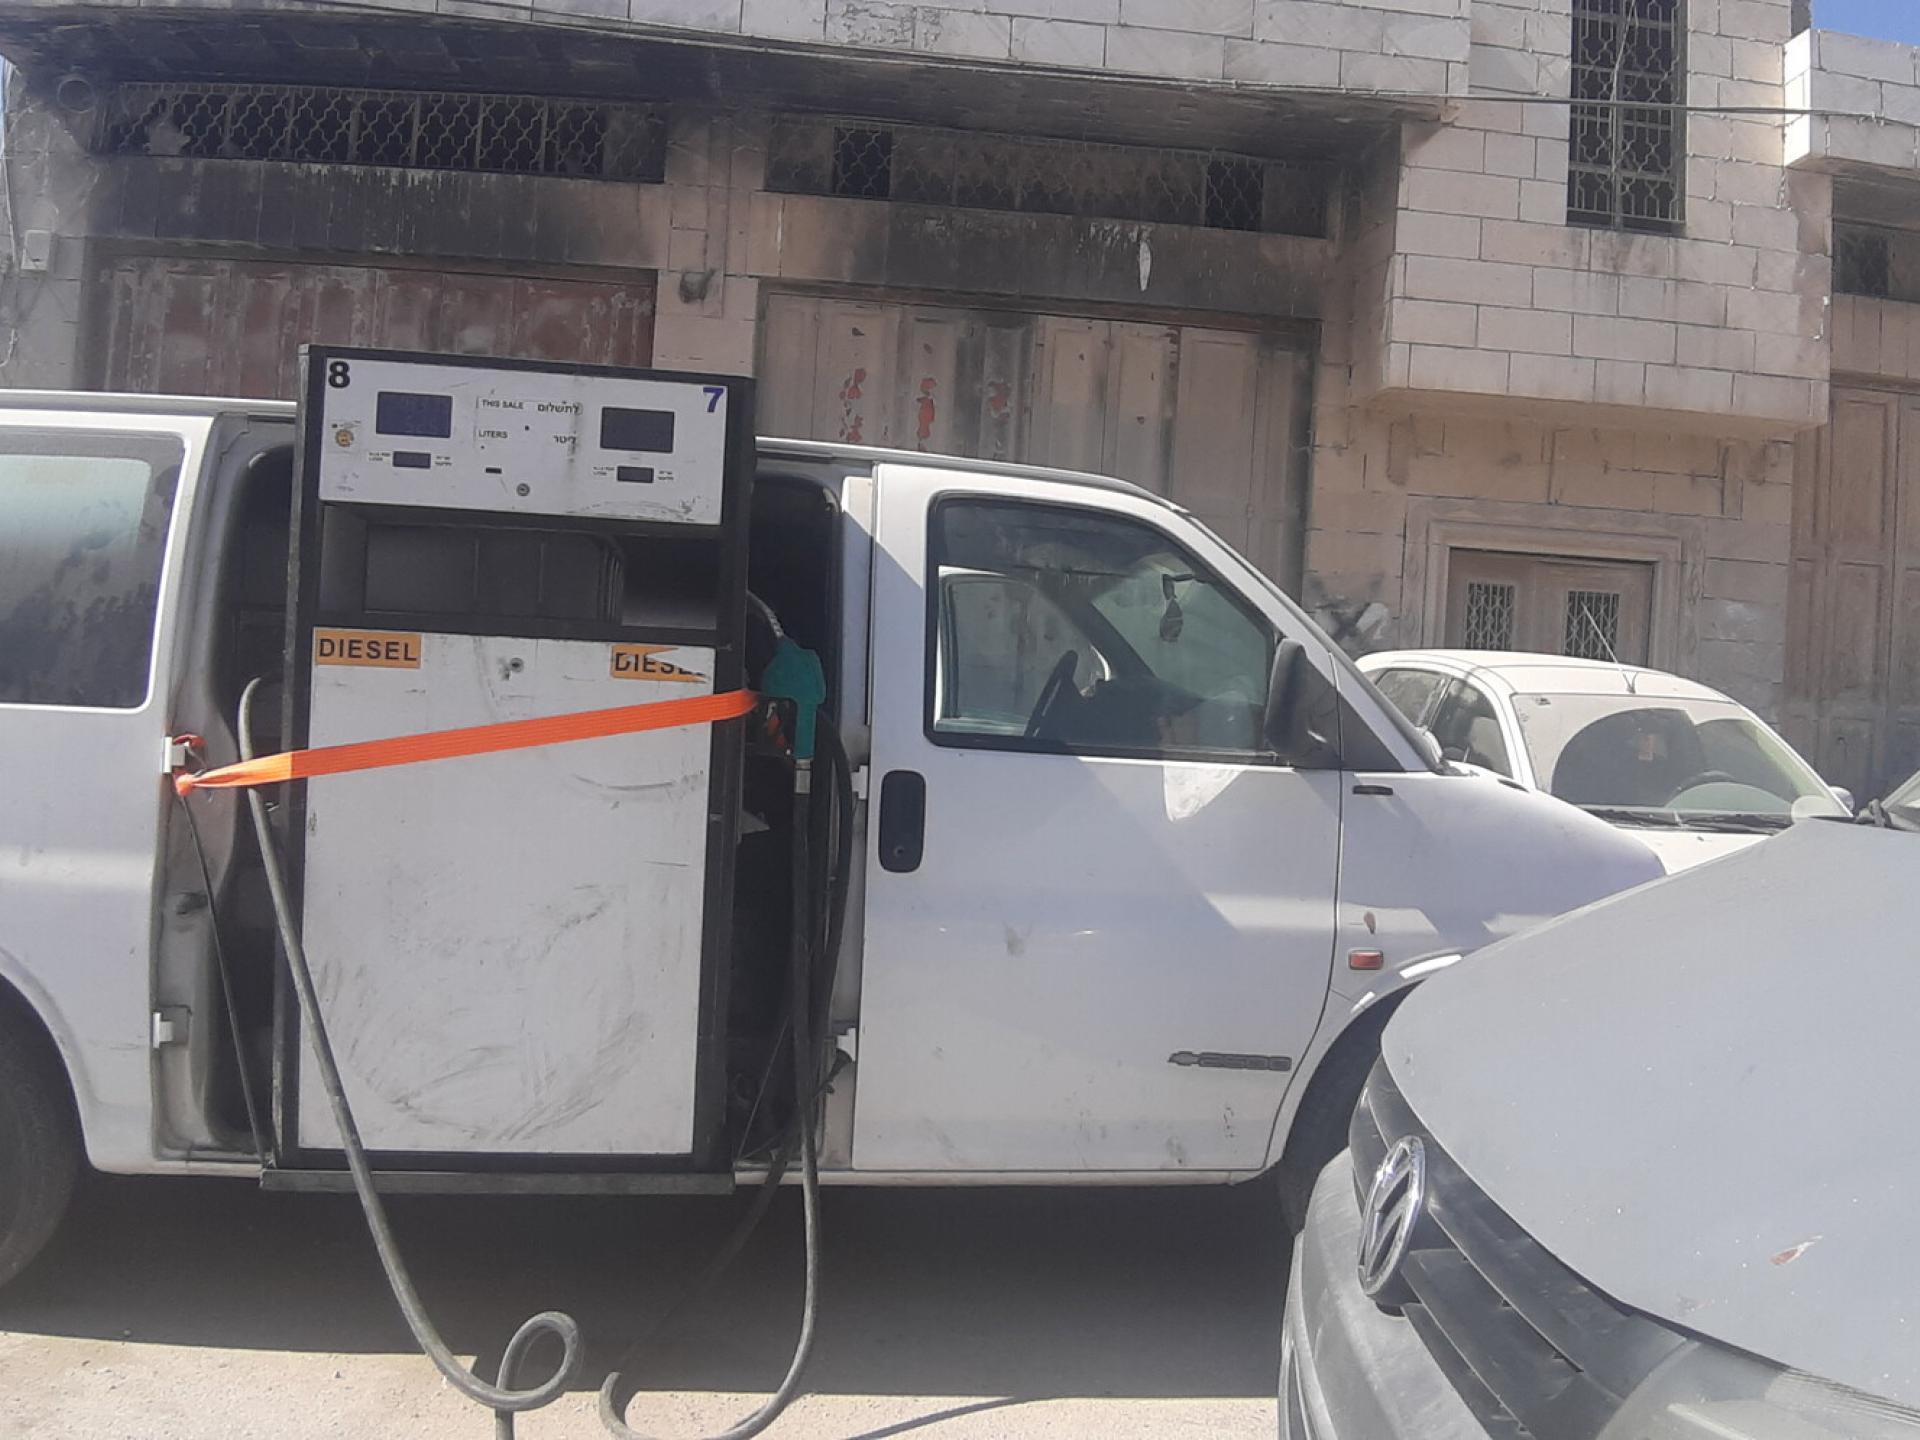 תחנת הדלק שהורכבה על גבי מכונית